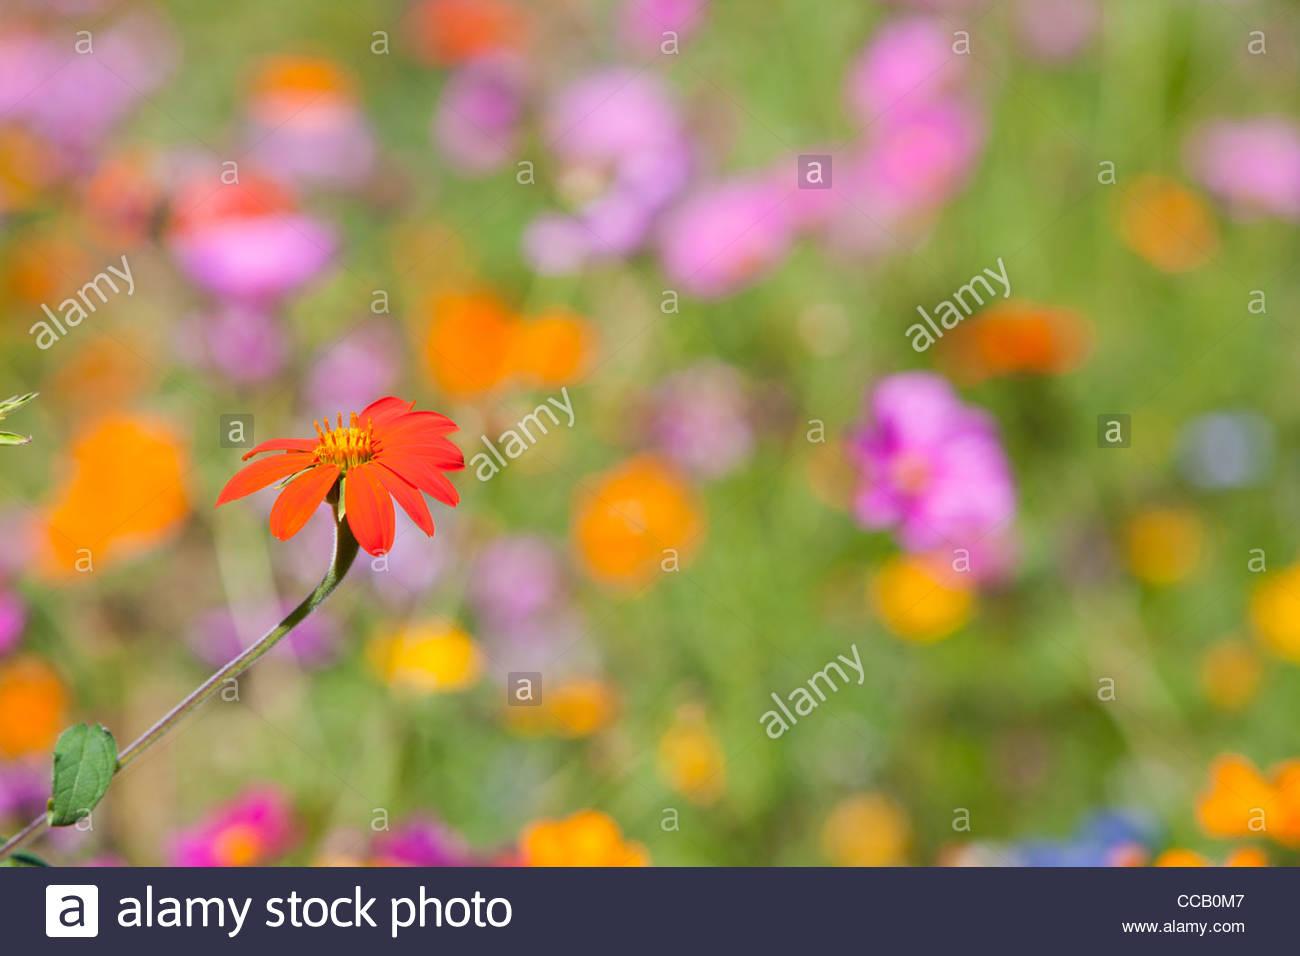 Orange blooming flower in field of wildflowers - Stock Image